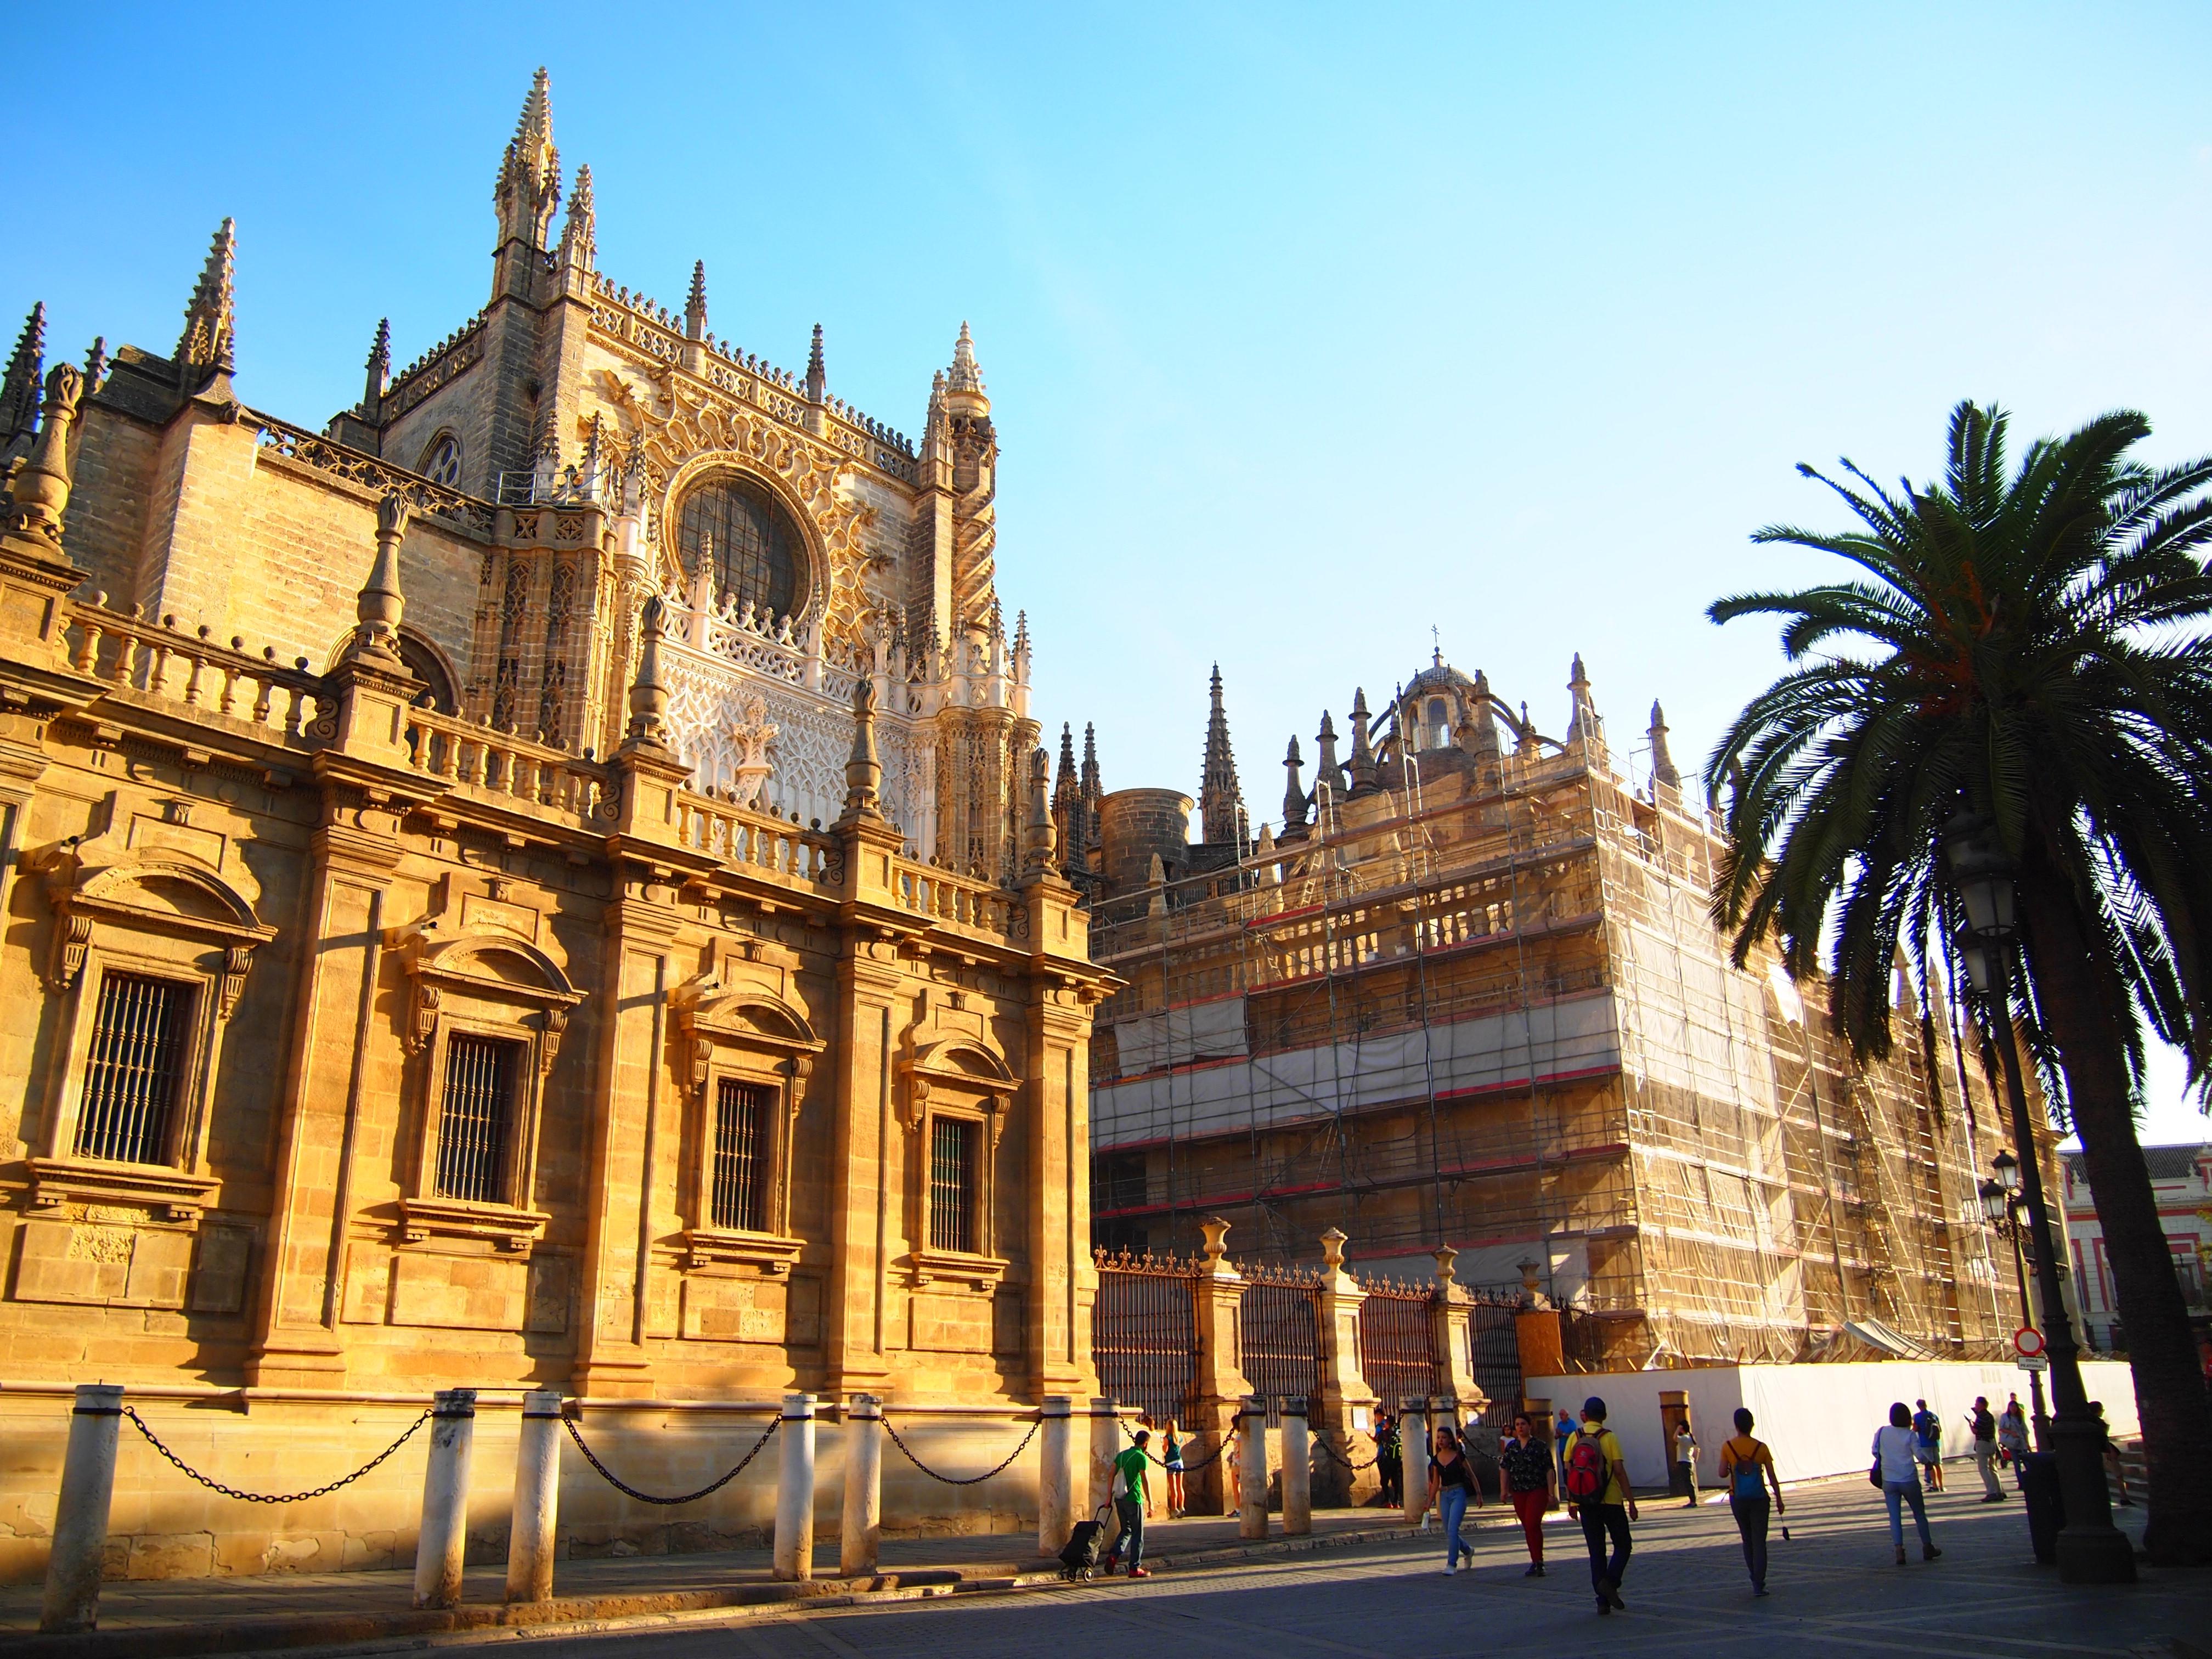 スペイン セビーリャ キャンプ テント 世界一周 ブログ 巡礼 コンポステーラ 大聖堂 茶